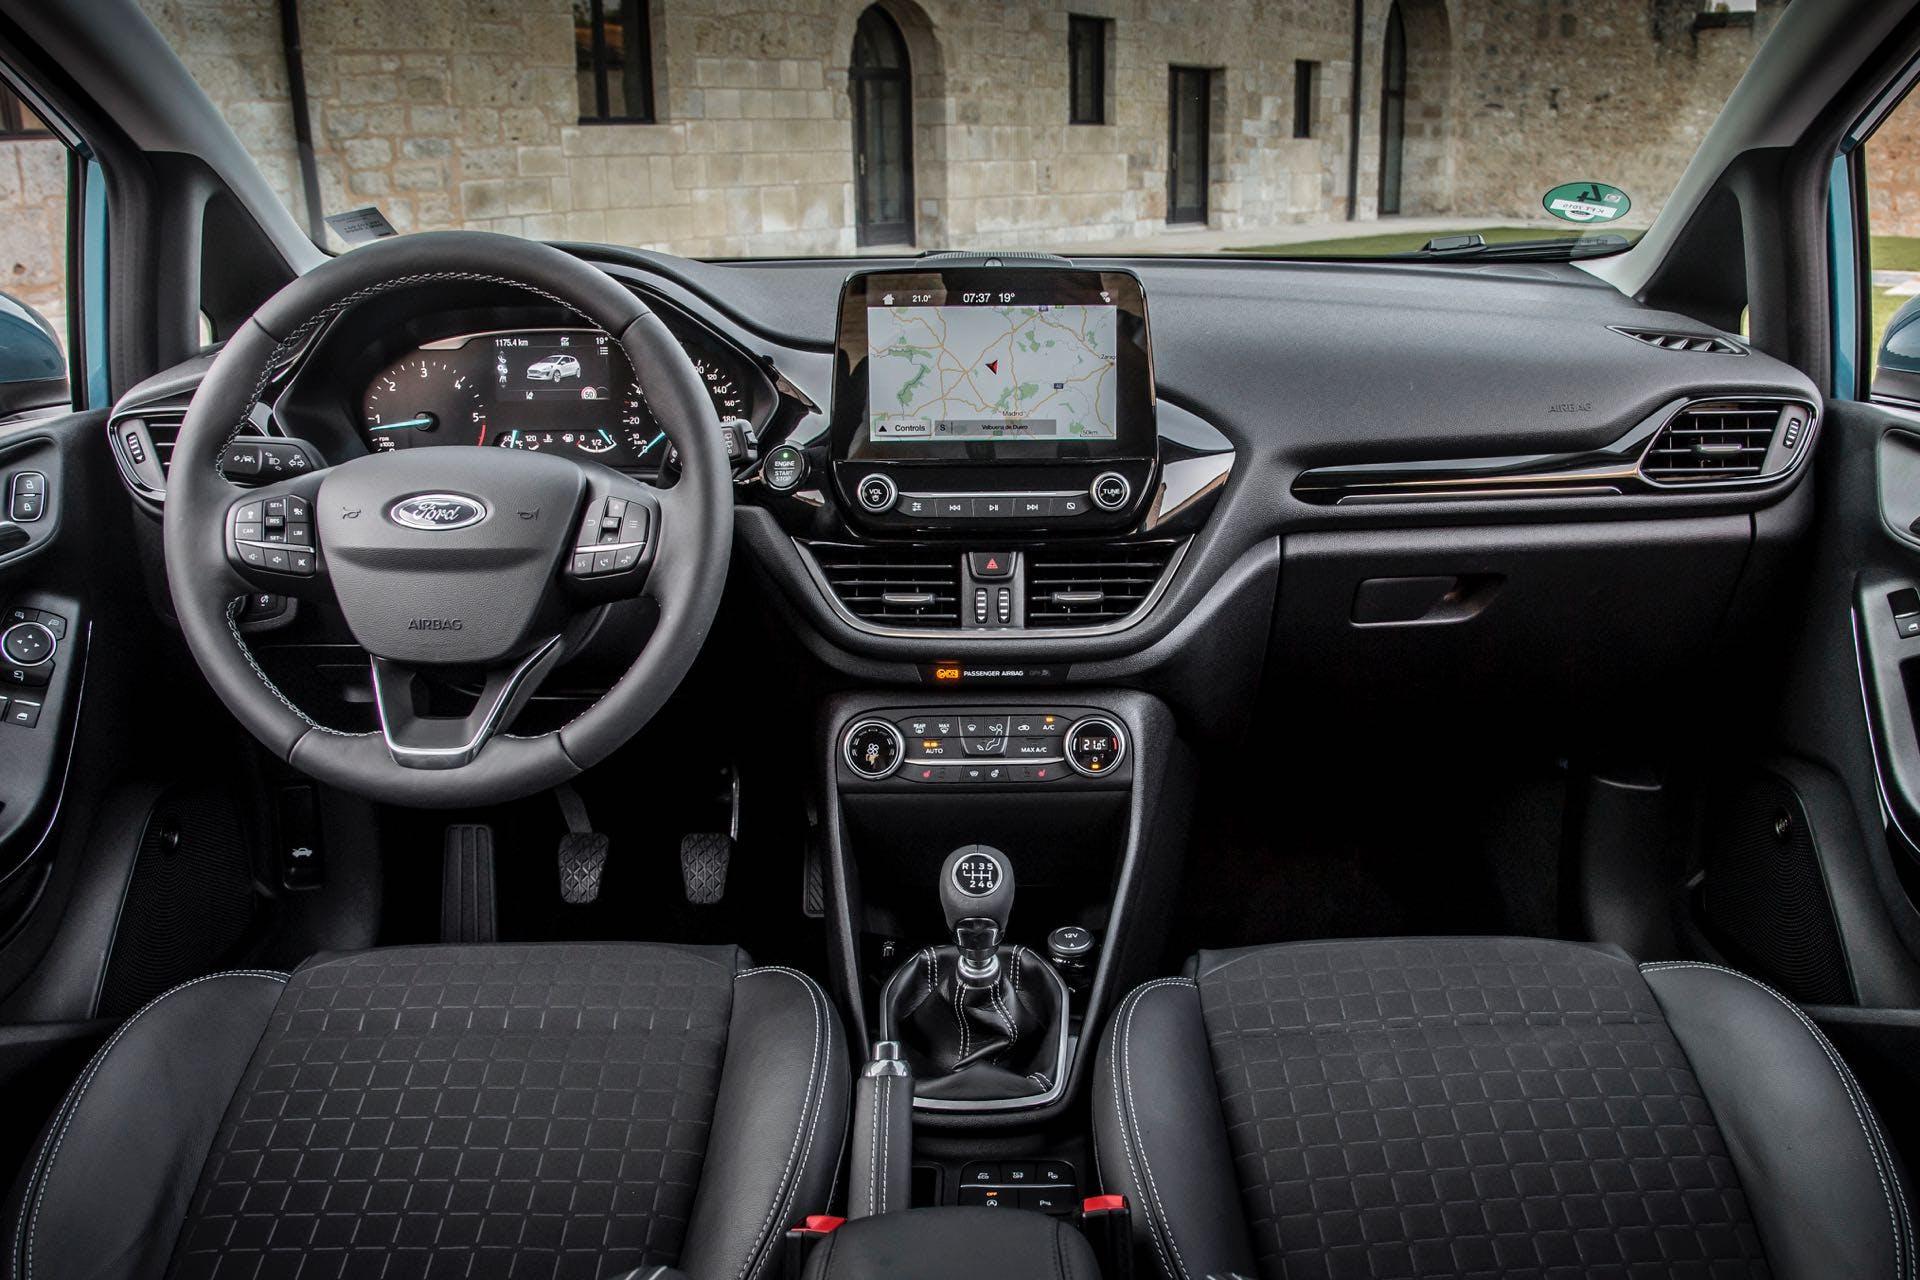 Volante e cruscotto della Ford Fiesta Titanium